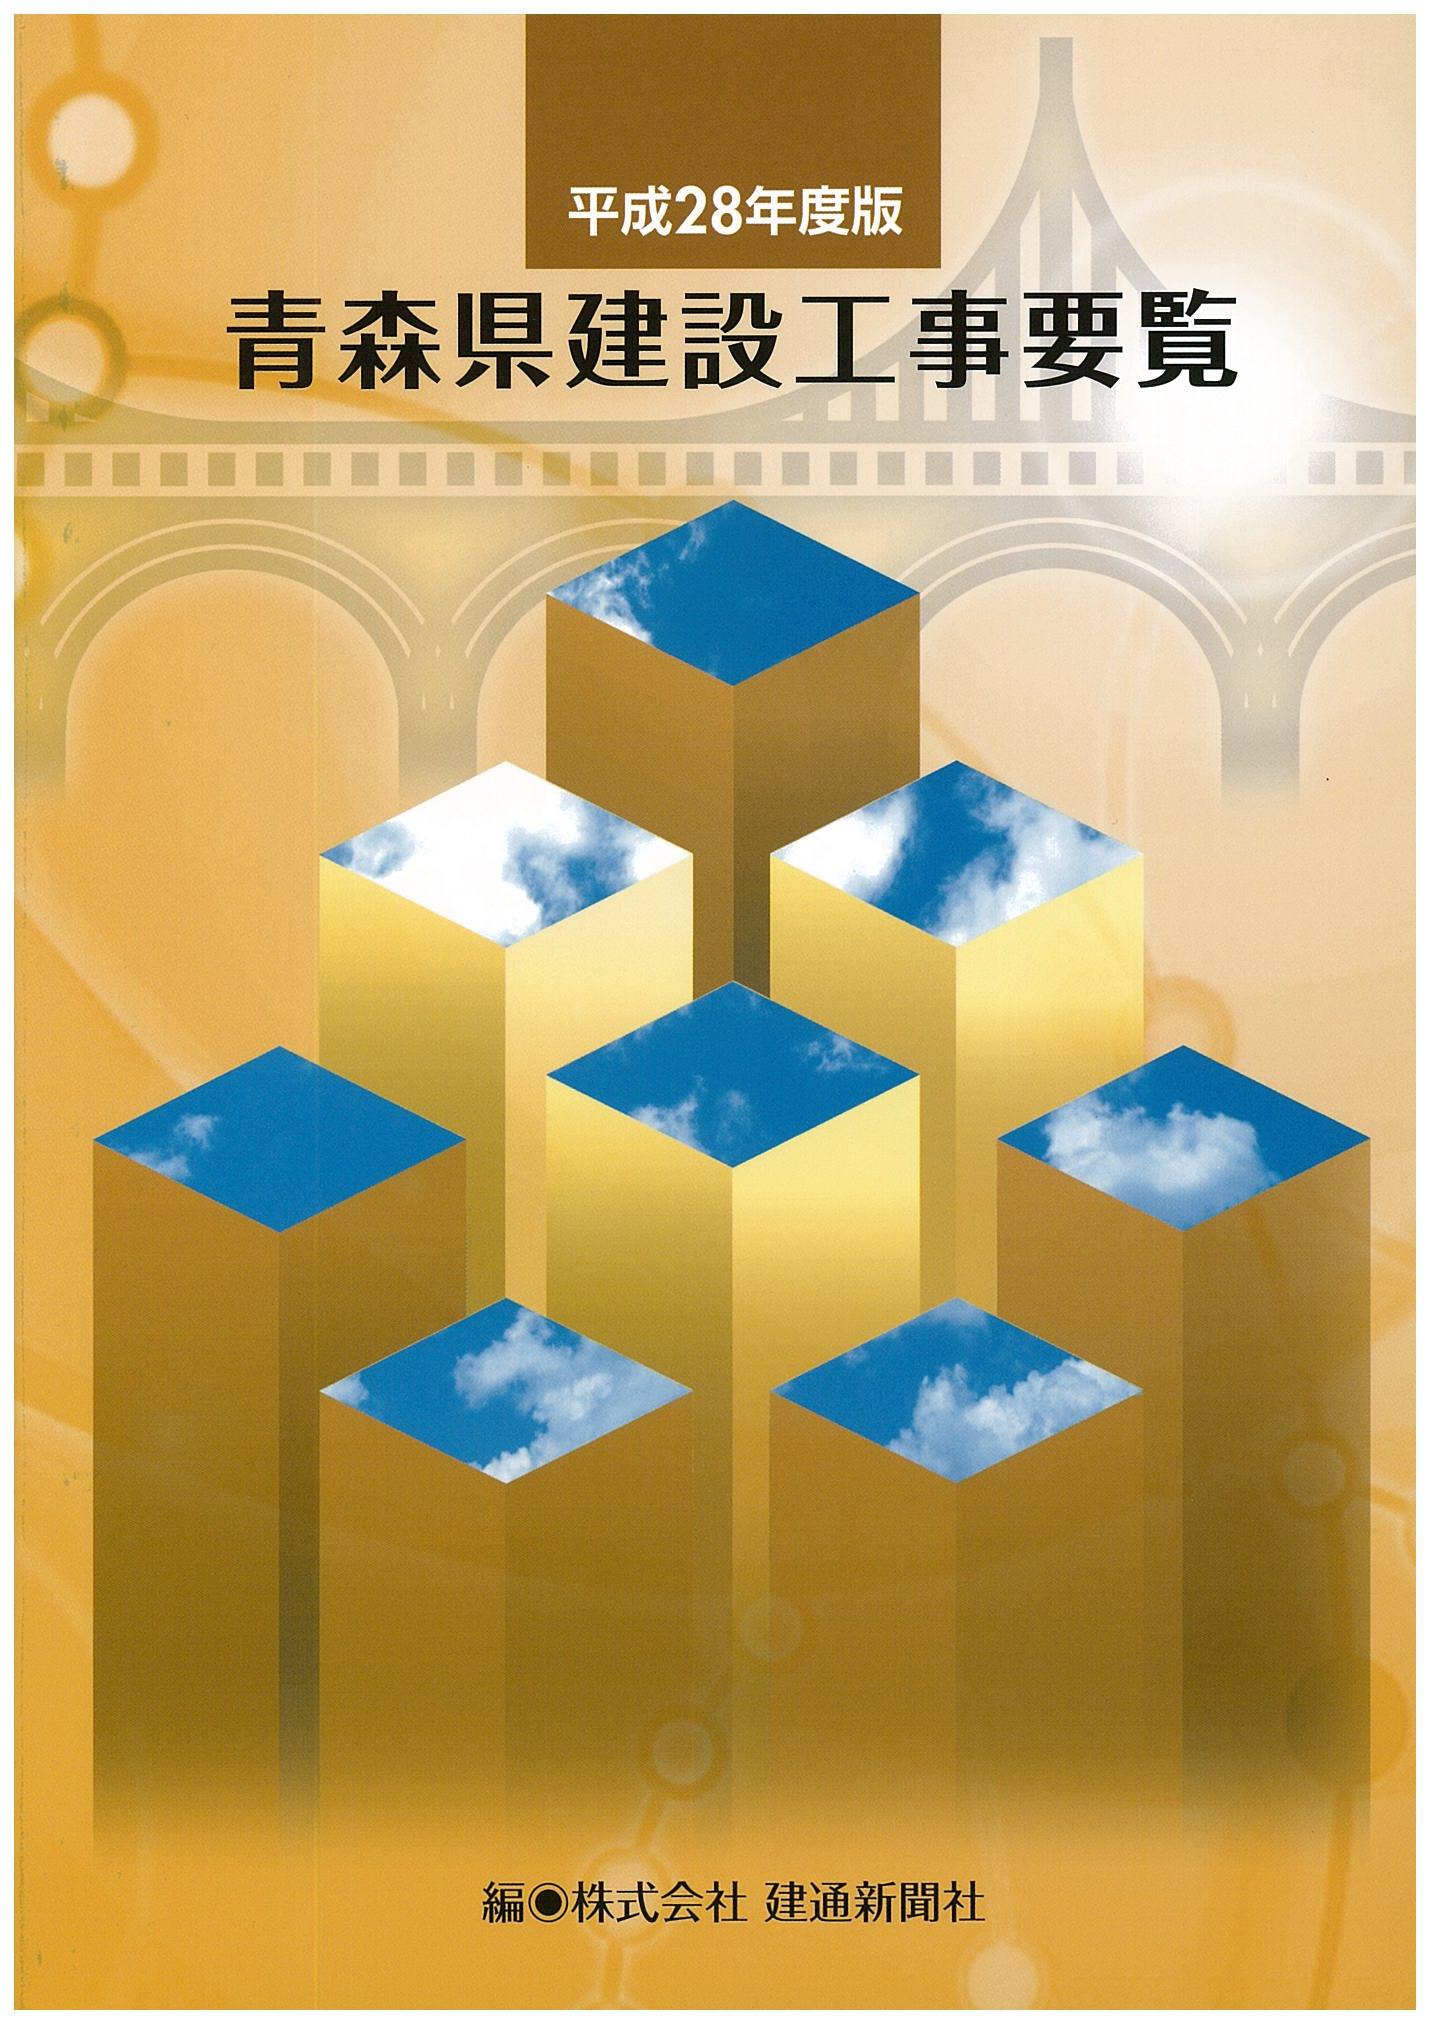 【予約】平成29年度版 青森県建設工事要覧画像